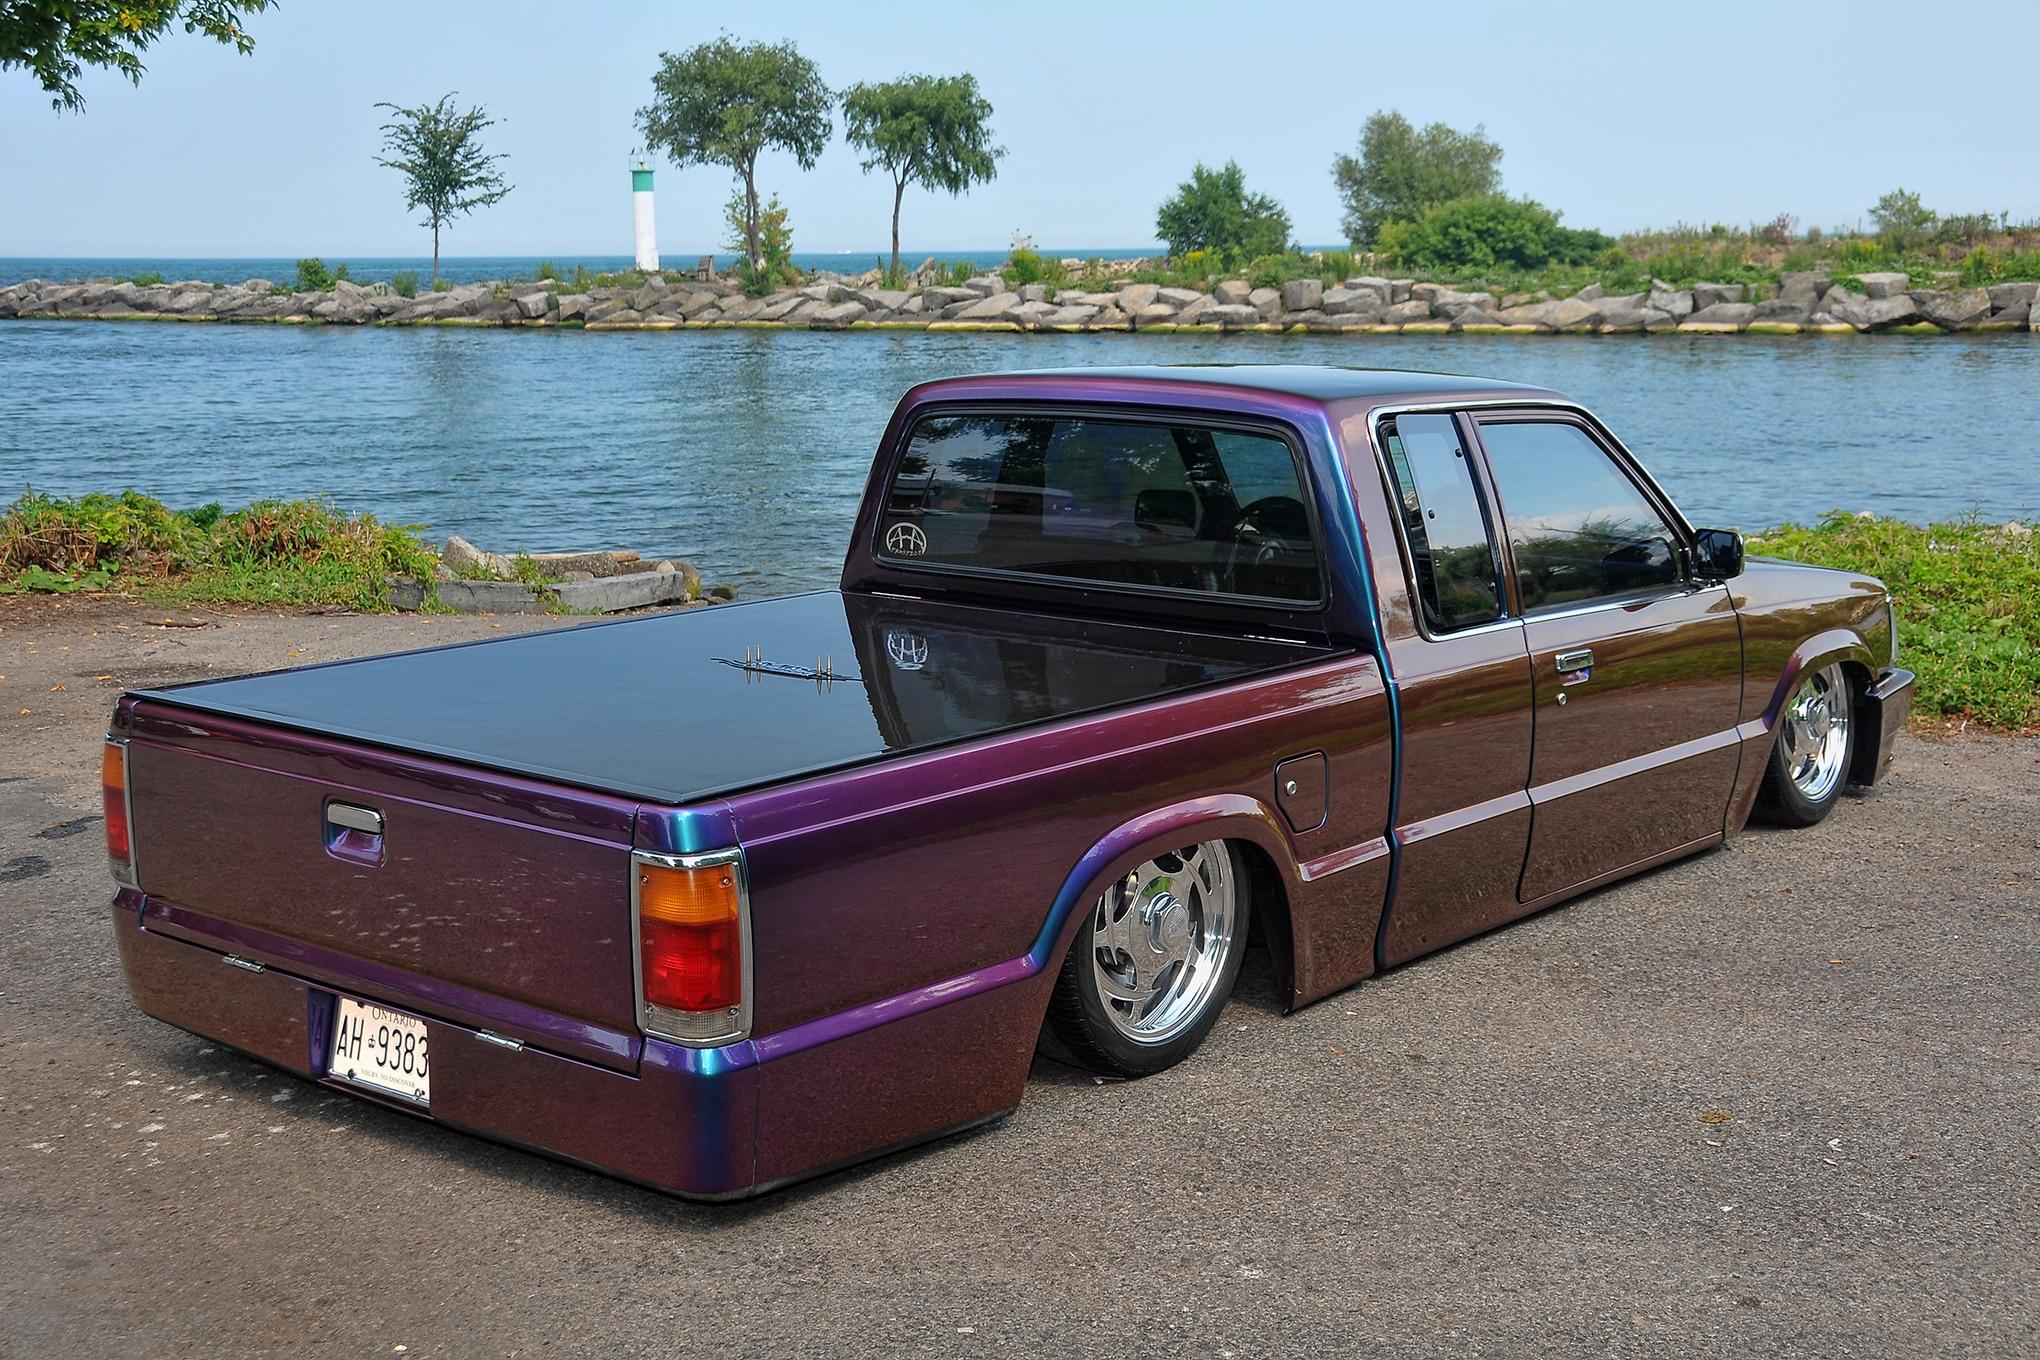 hight resolution of 03 1991 mazda b2200 rear three quarter